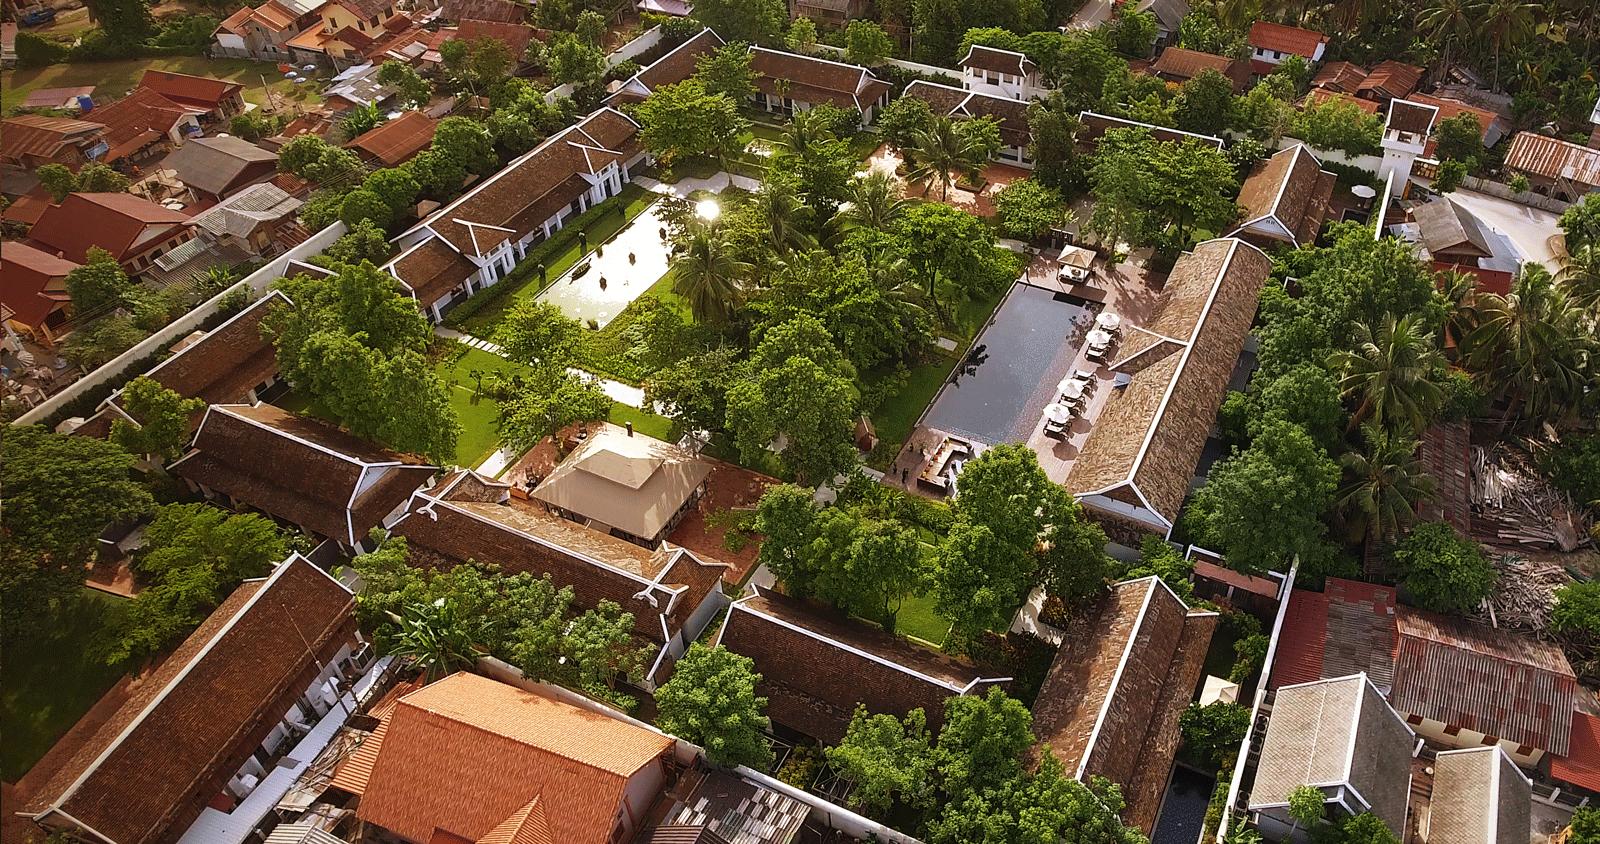 Sofitel-Luang-Prabang---Drone-Shot-1.png